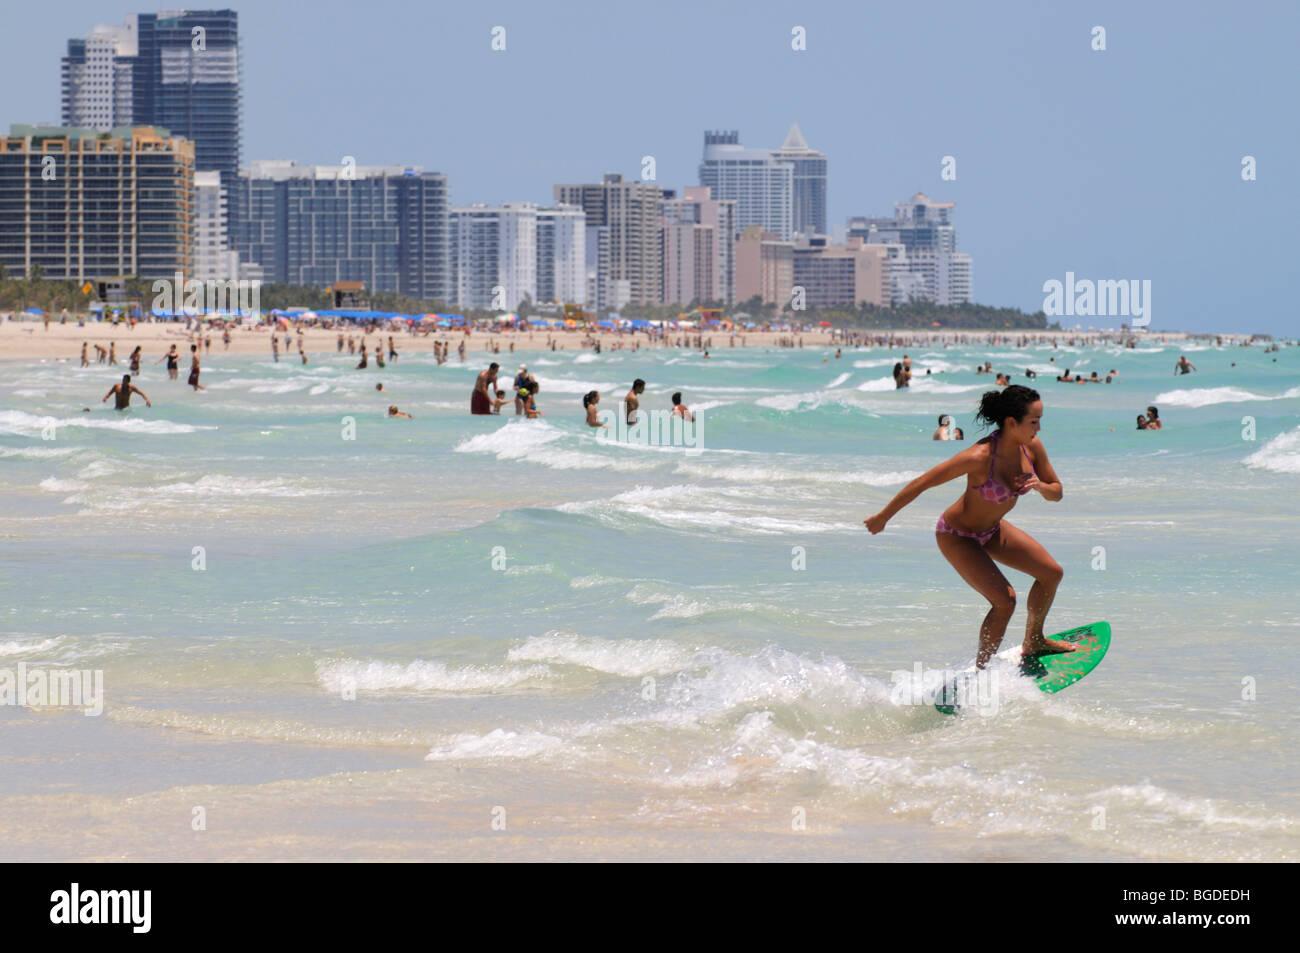 Surfer, skimboarder, South Beach di Miami, Art Deco district, Florida, Stati Uniti d'America Immagini Stock